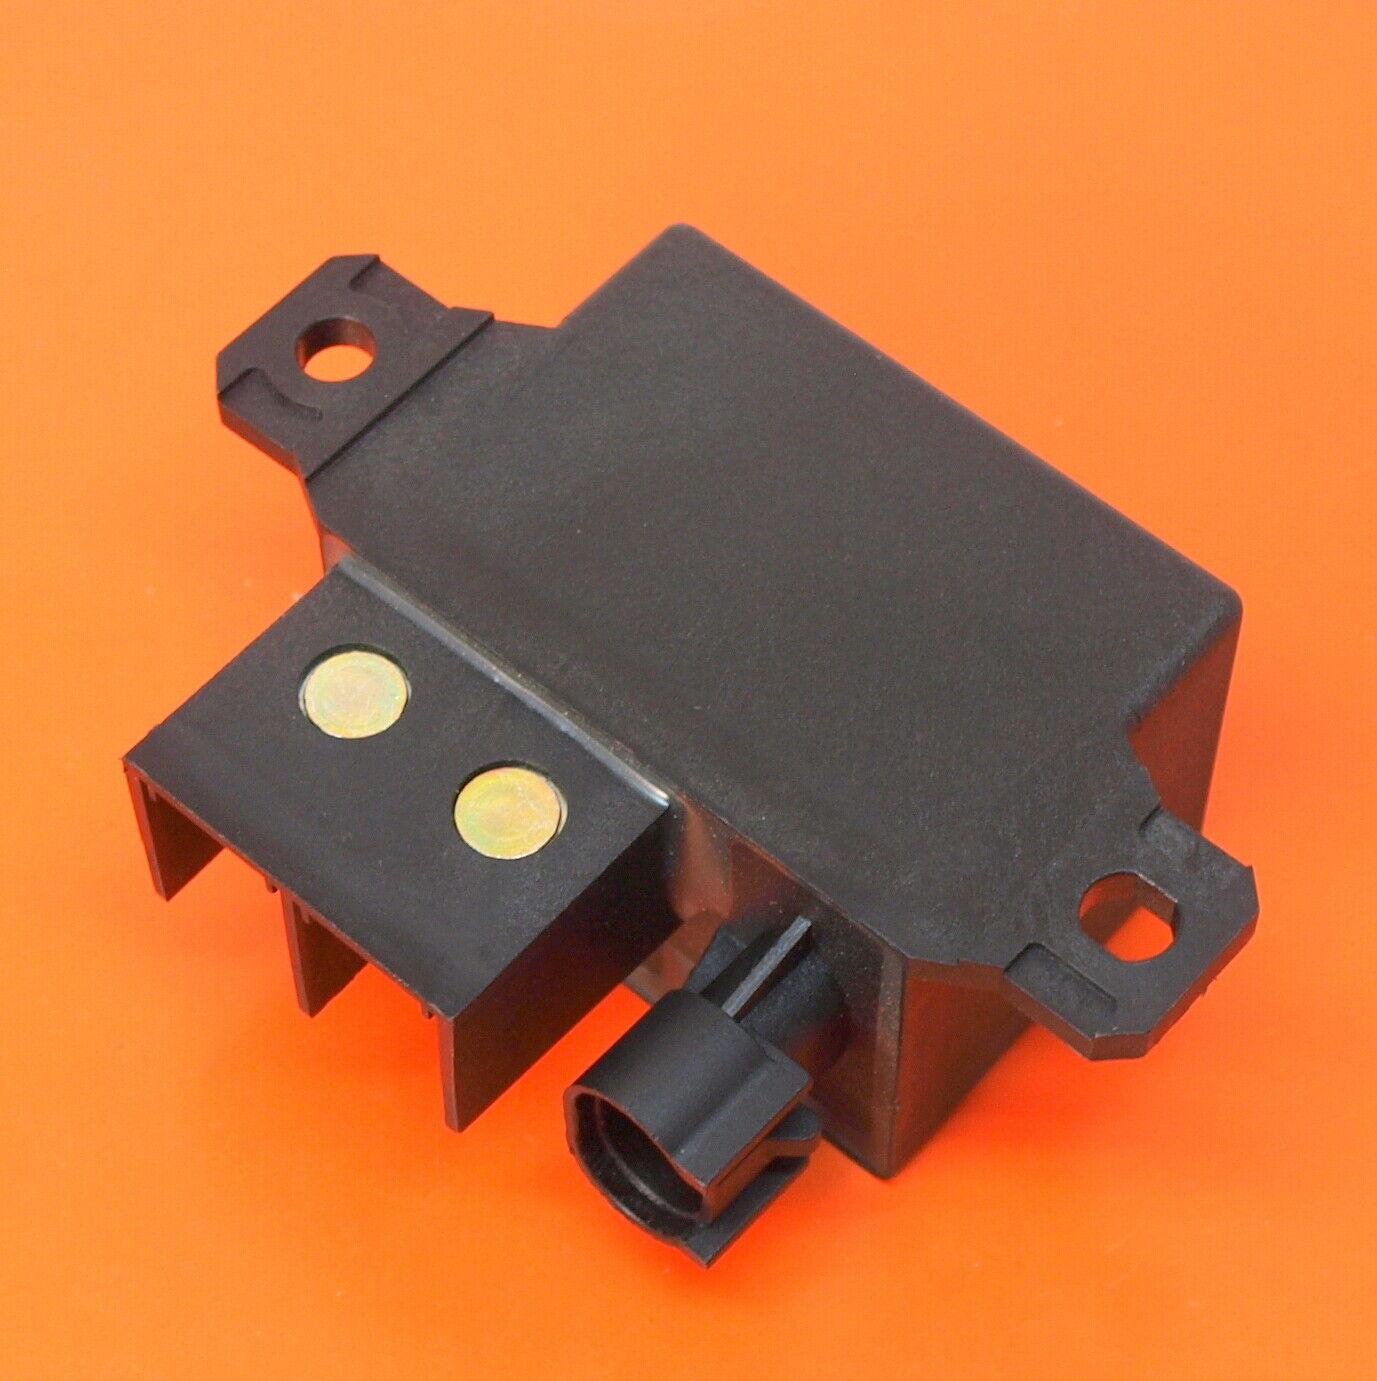 Knipex paire de pince atramentiert avec plastique recouverts 225 mm nr 5001225